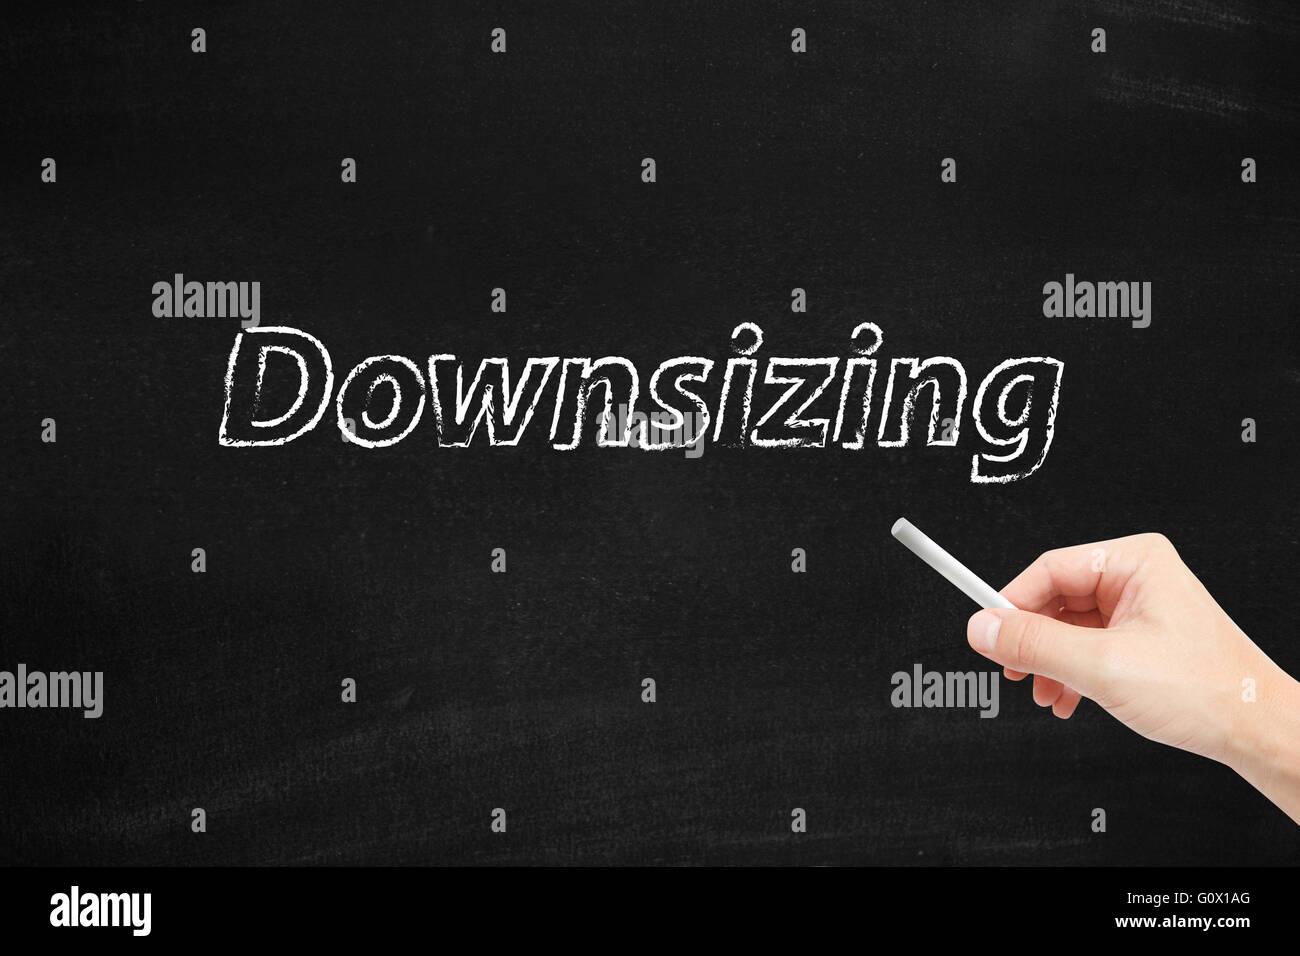 Downsizing - Stock Image